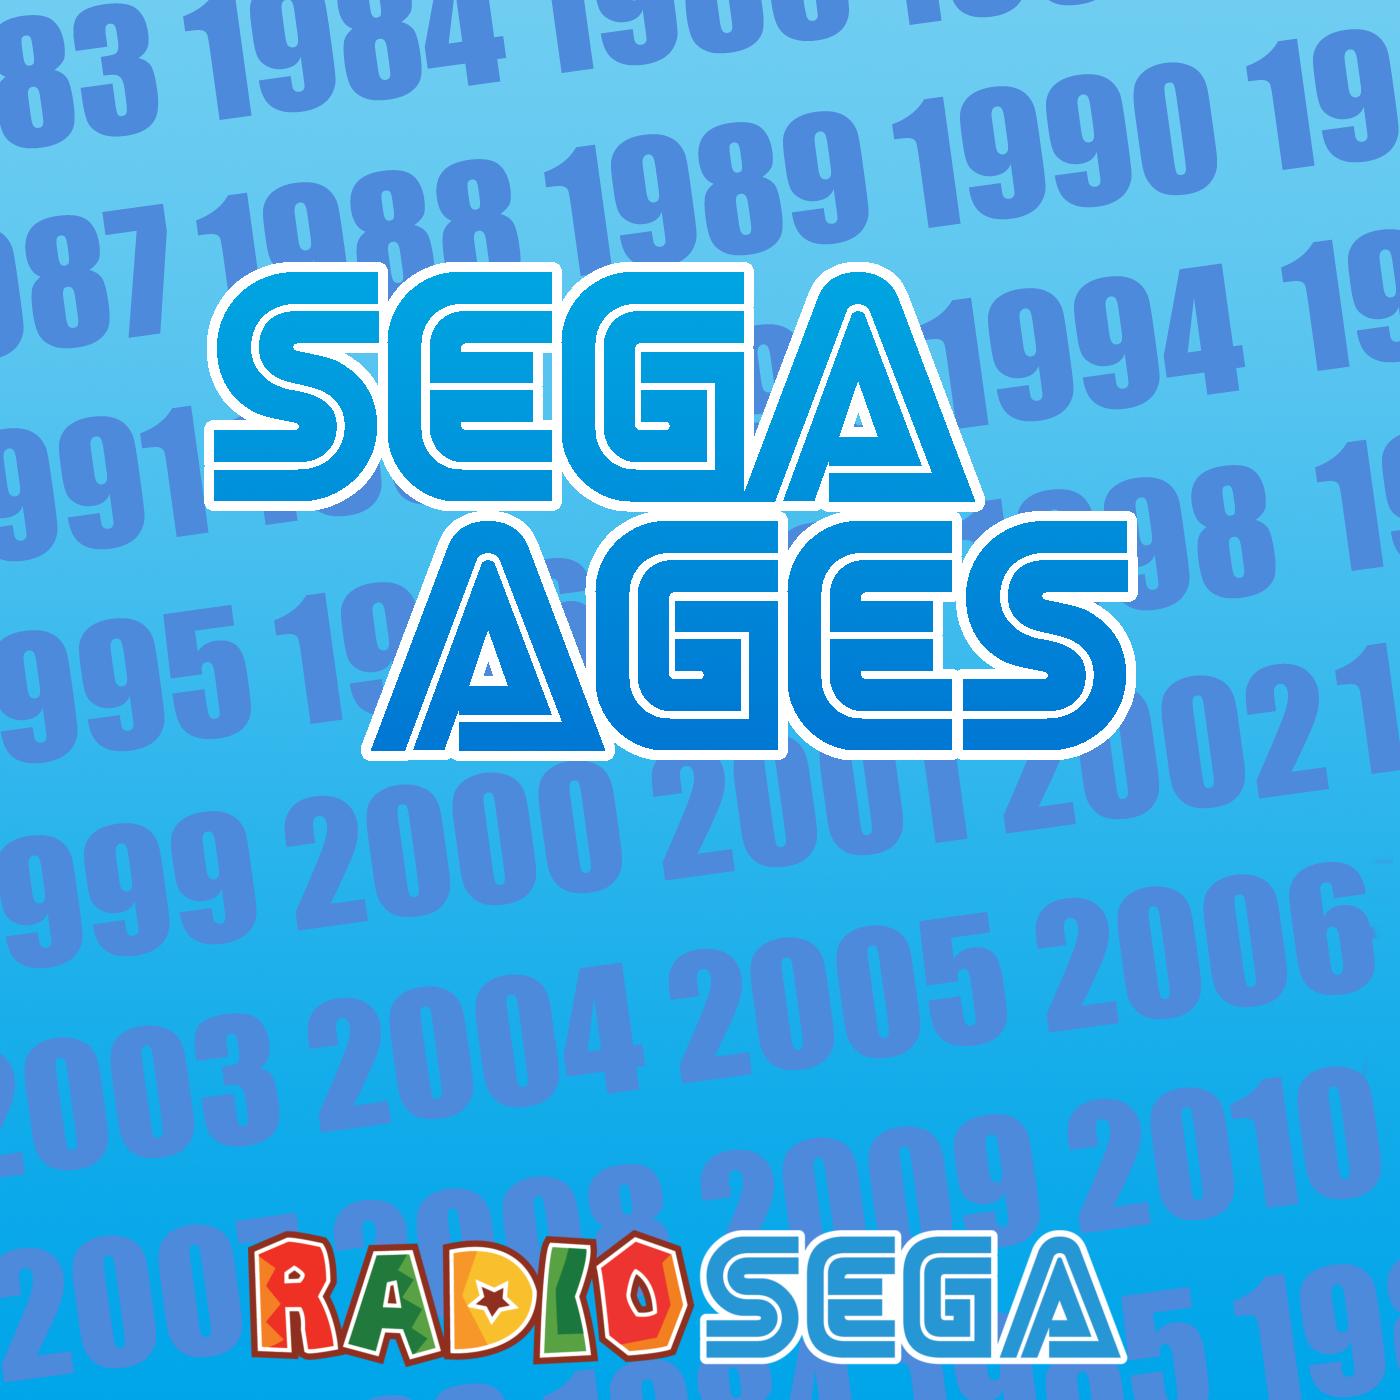 SEGA AGES [RadioSEGA]